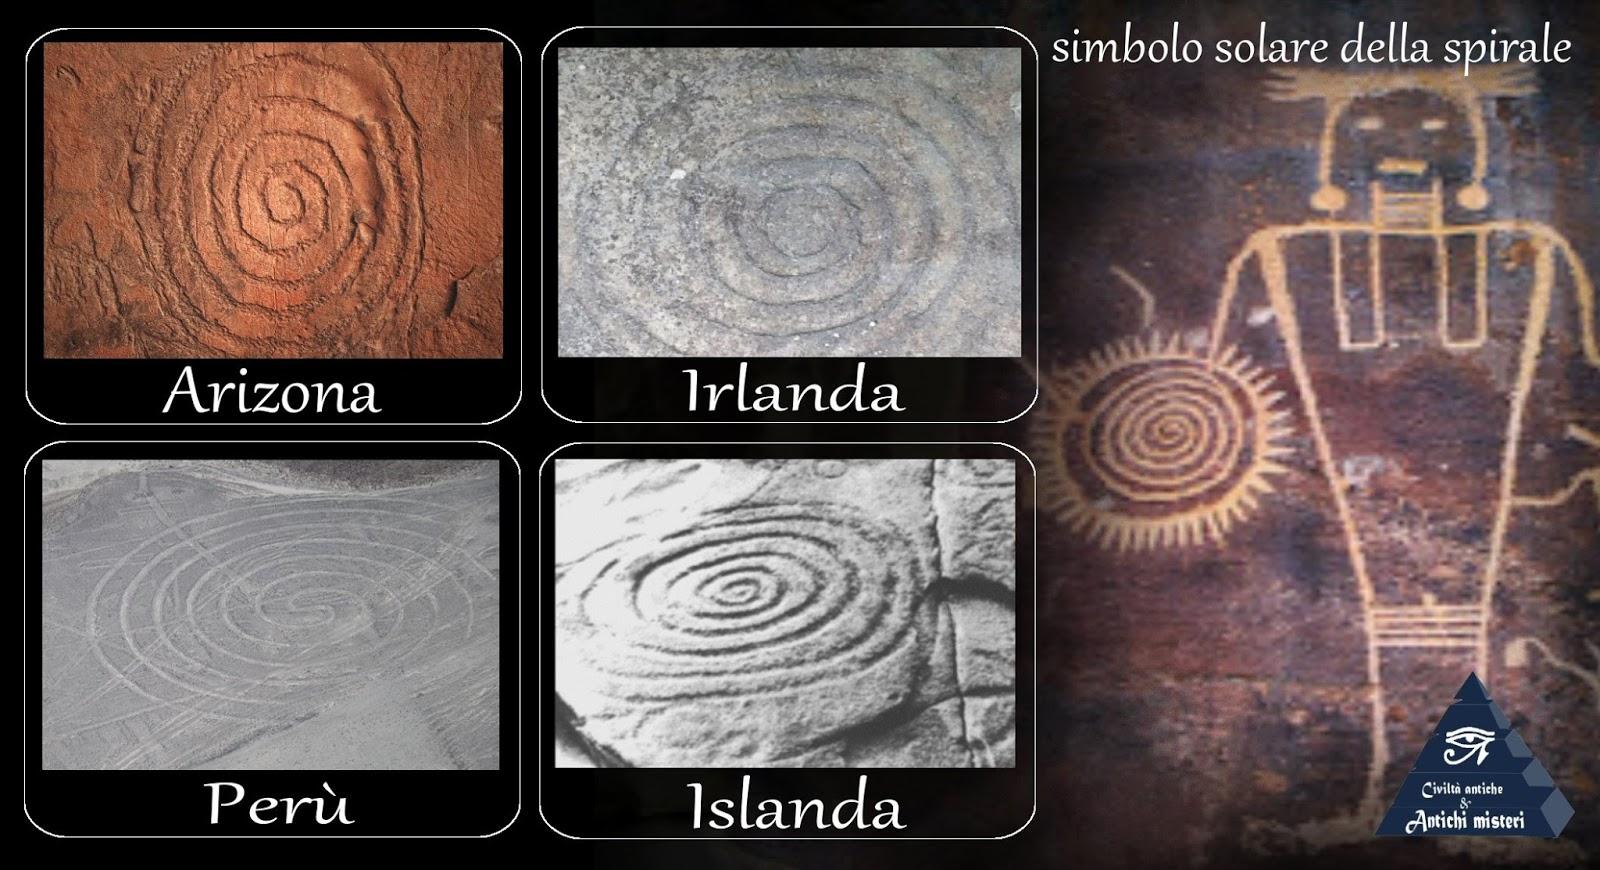 La Credenza Significato : Civiltà antiche e antichi misteri: significato dellantico simbolo